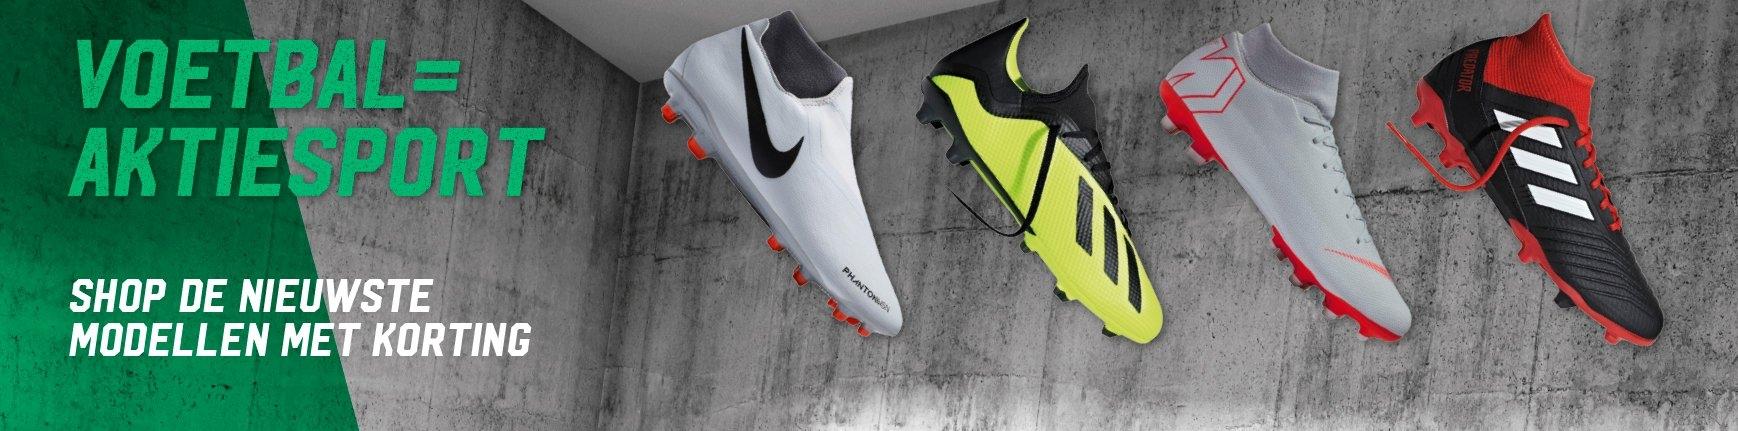 shop-schoenen